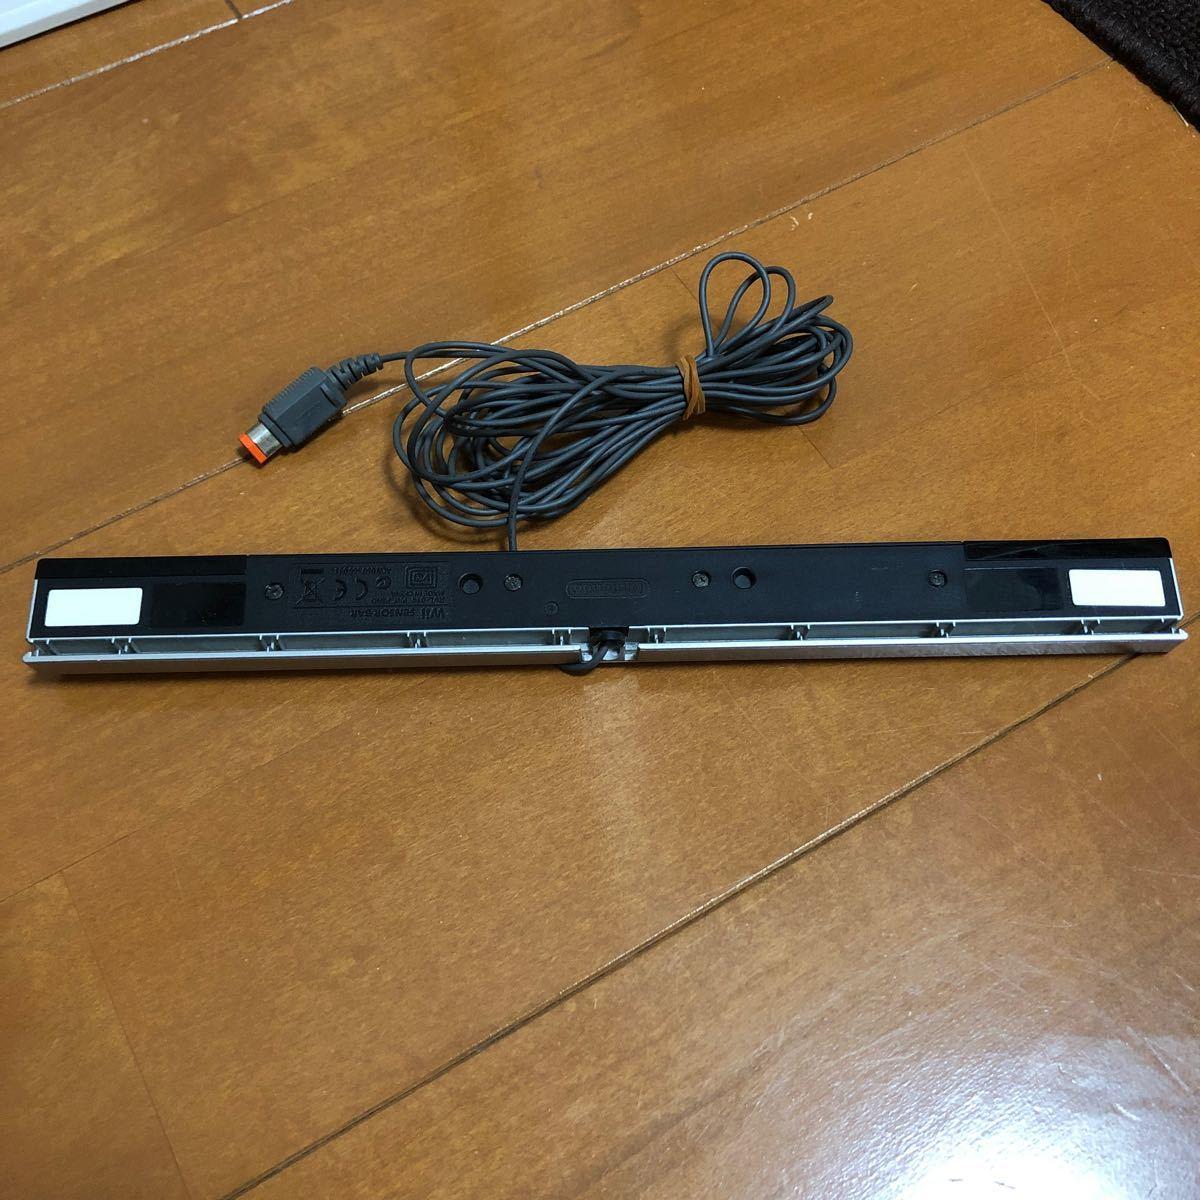 【即納 送料無料】家庭用ゲーム機 任天堂Wii センサーバー 14238